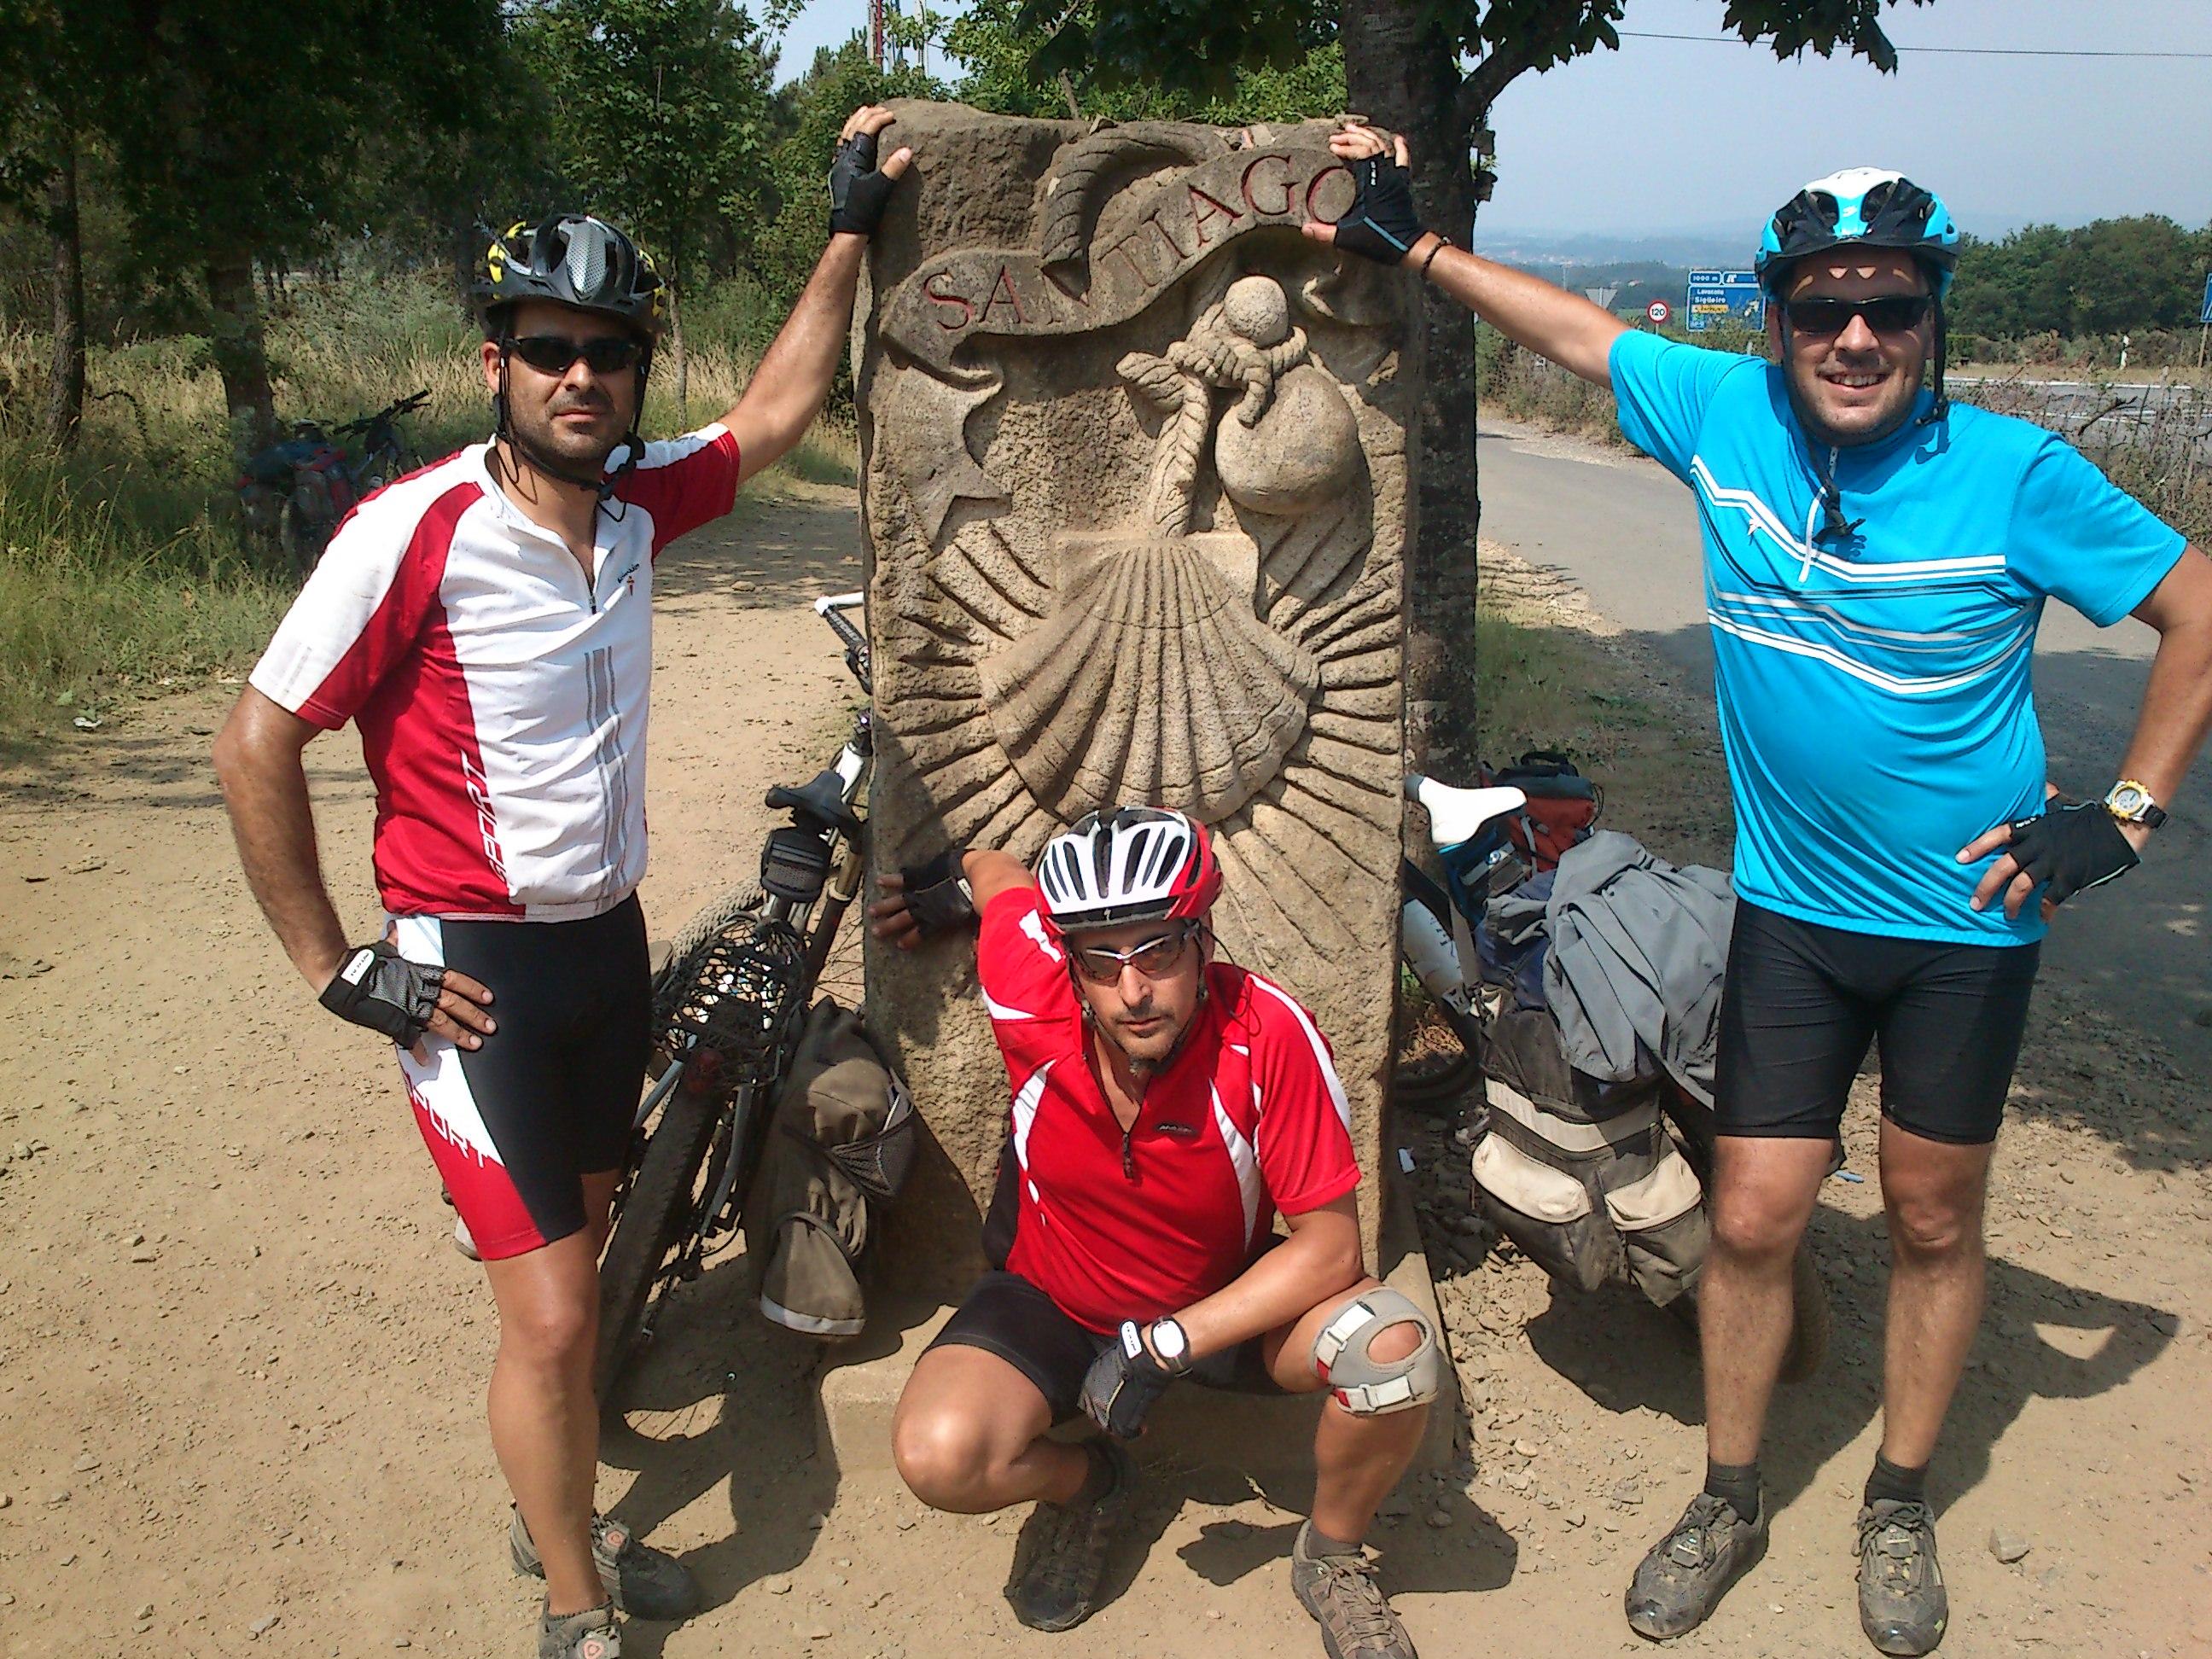 De Torrejoncillo a Santiago de Compostela en BTT: 8 etapas, 700 kms, una experiencia irrepetible